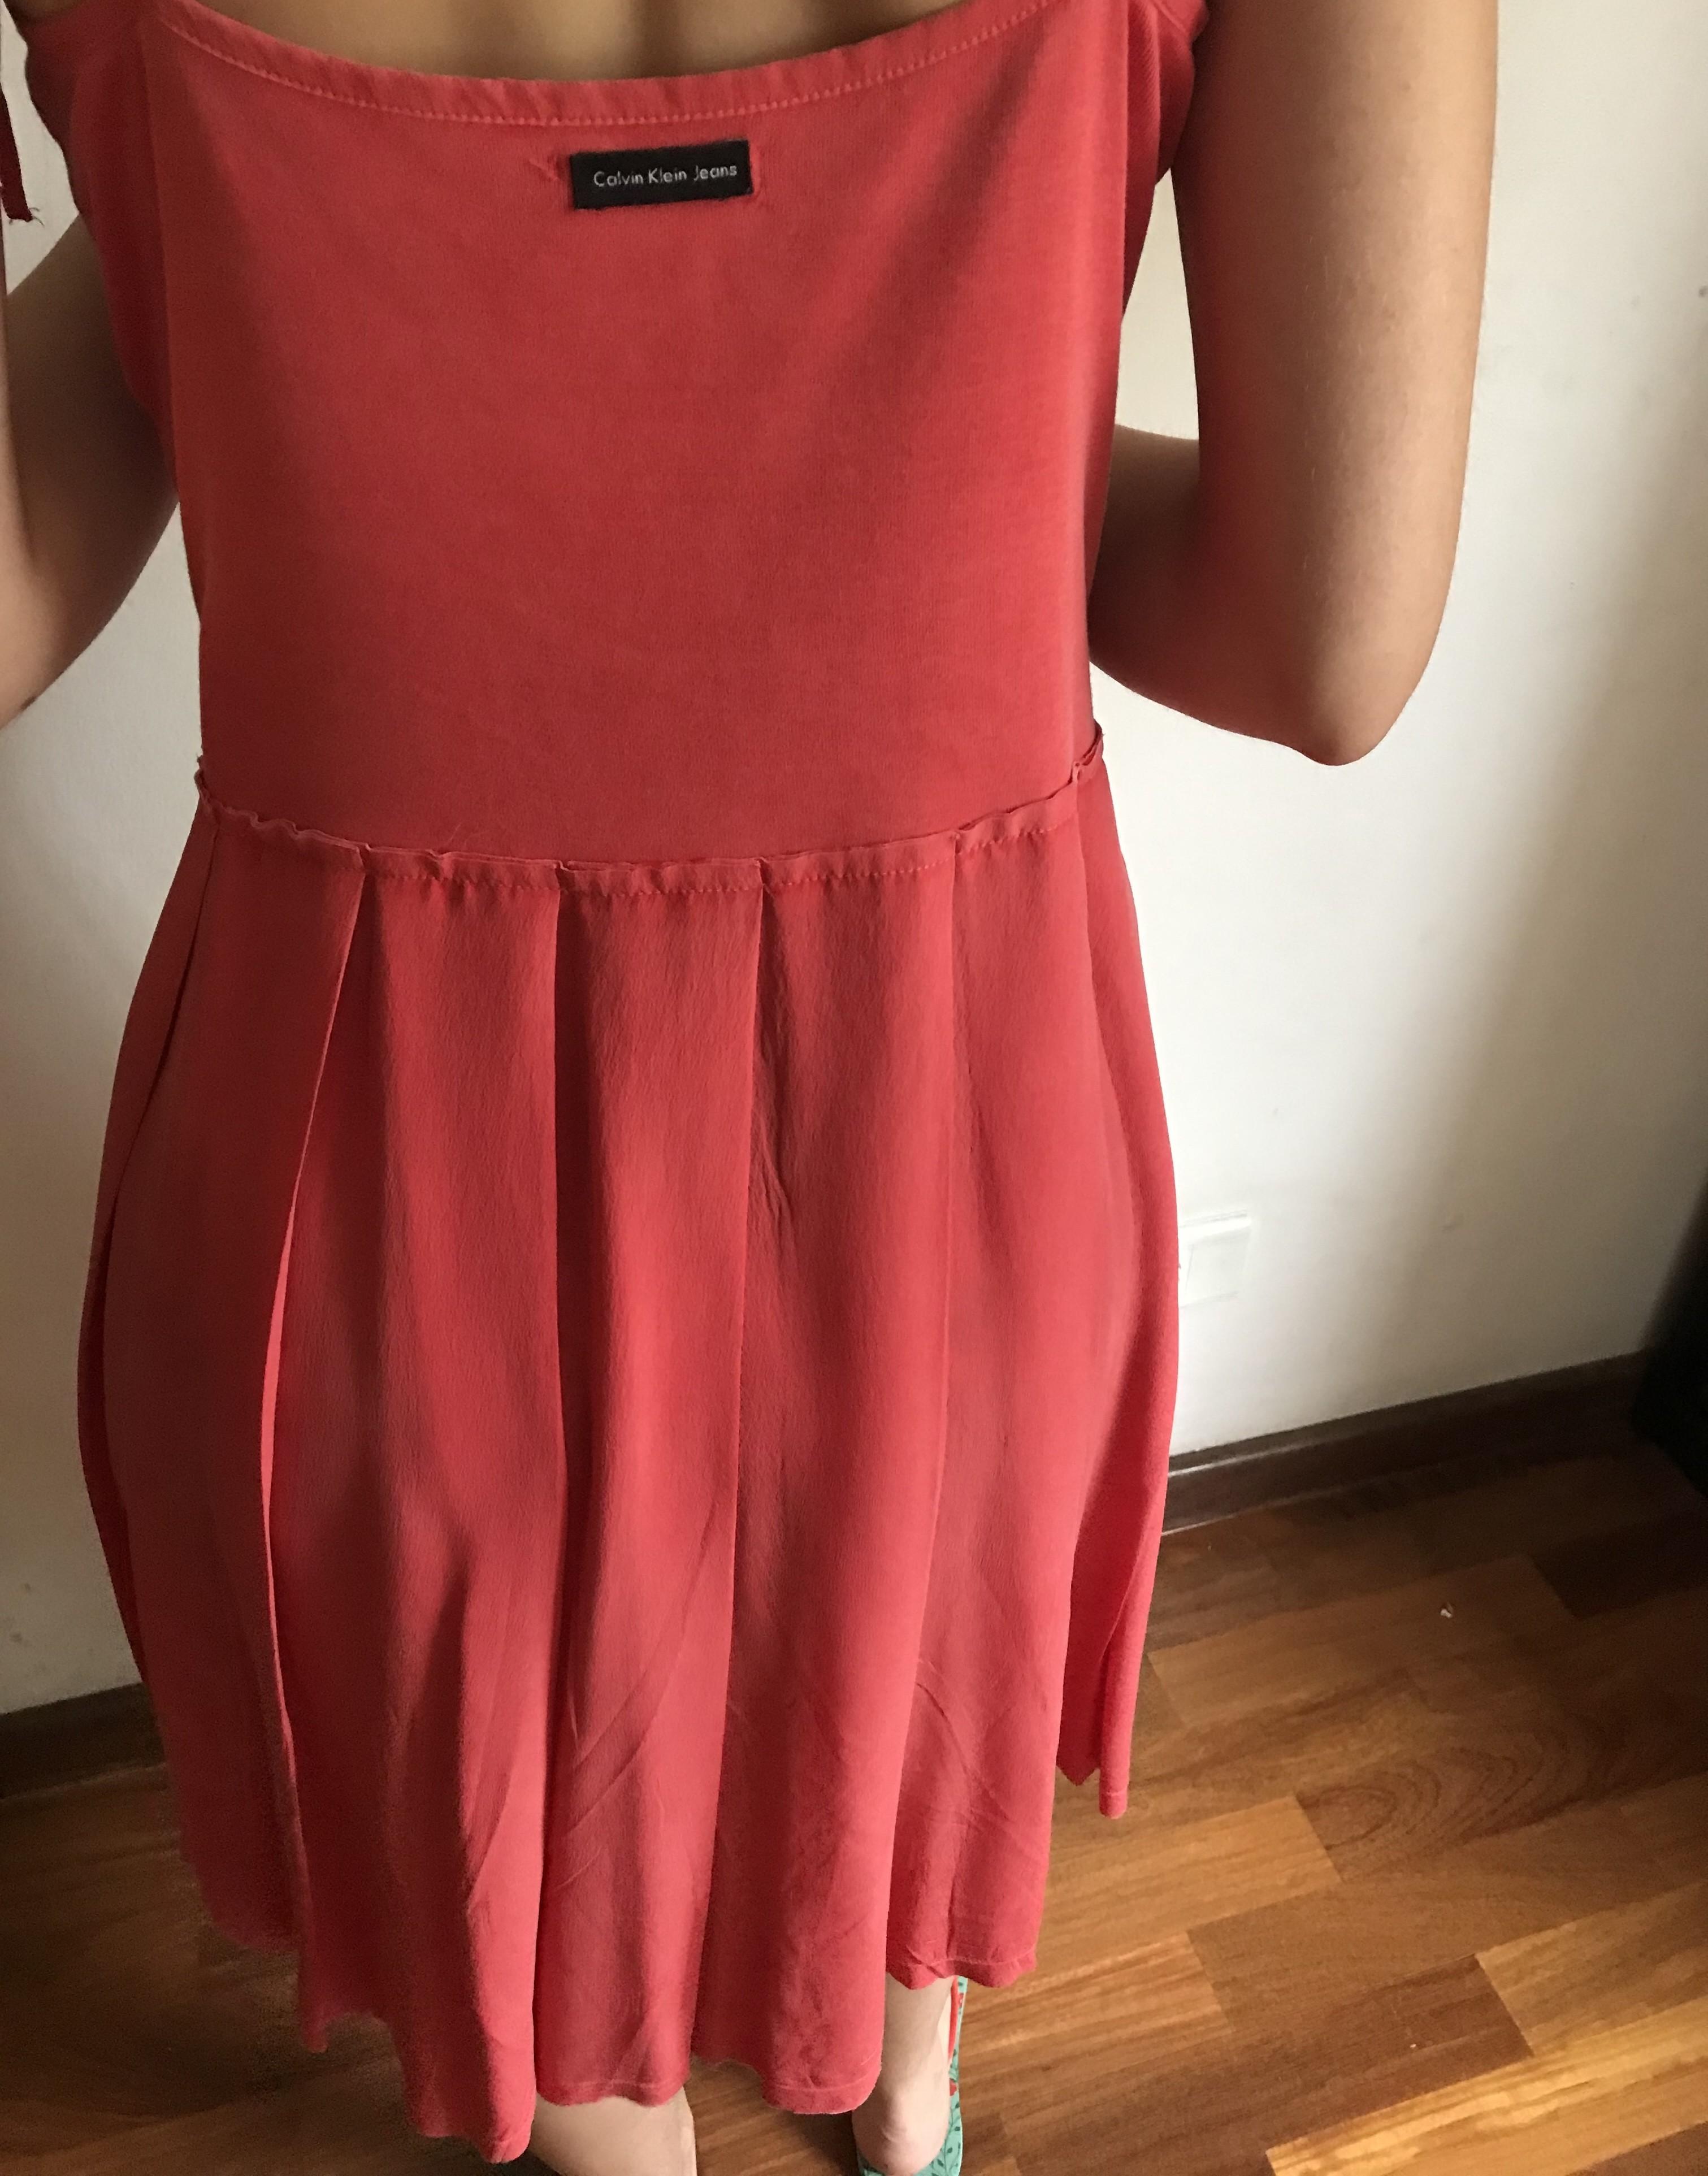 Thumbnail: Vestido Calvin Klein - Tam P